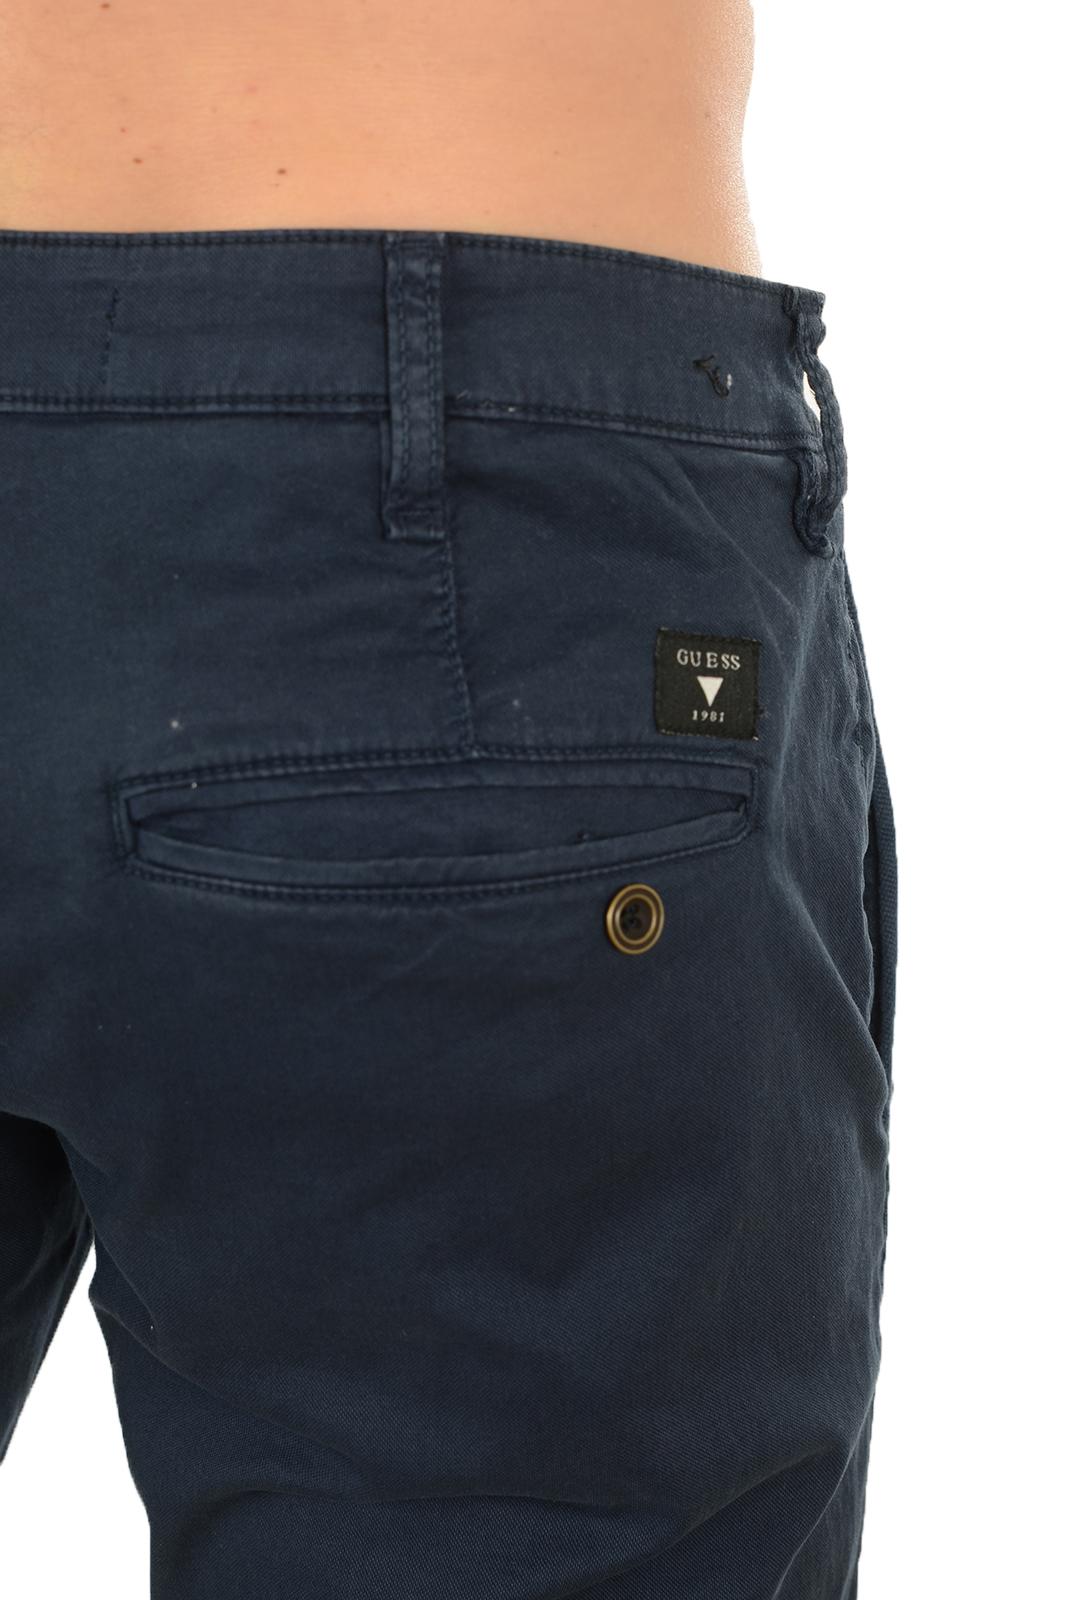 Pantalons  Guess jeans M64B02 W80T0 DANIEL G720 BLUE NAVY